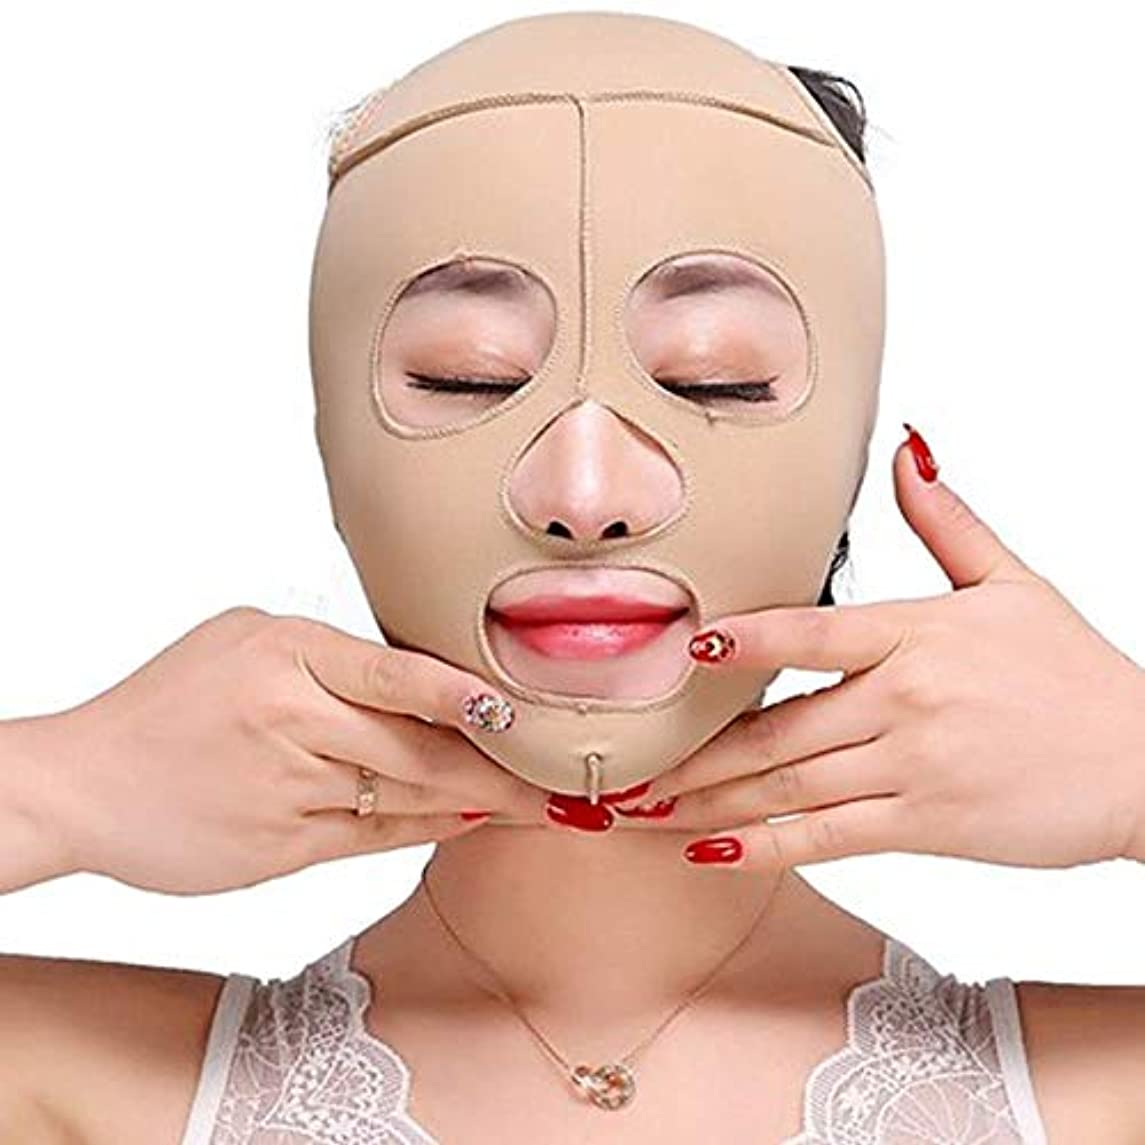 時間厳守変換する見込み美容と実用的なVフェイスマスク、フェイシャルフェイス、ダブルチンシンフェイスバンデージ(サイズ:S)